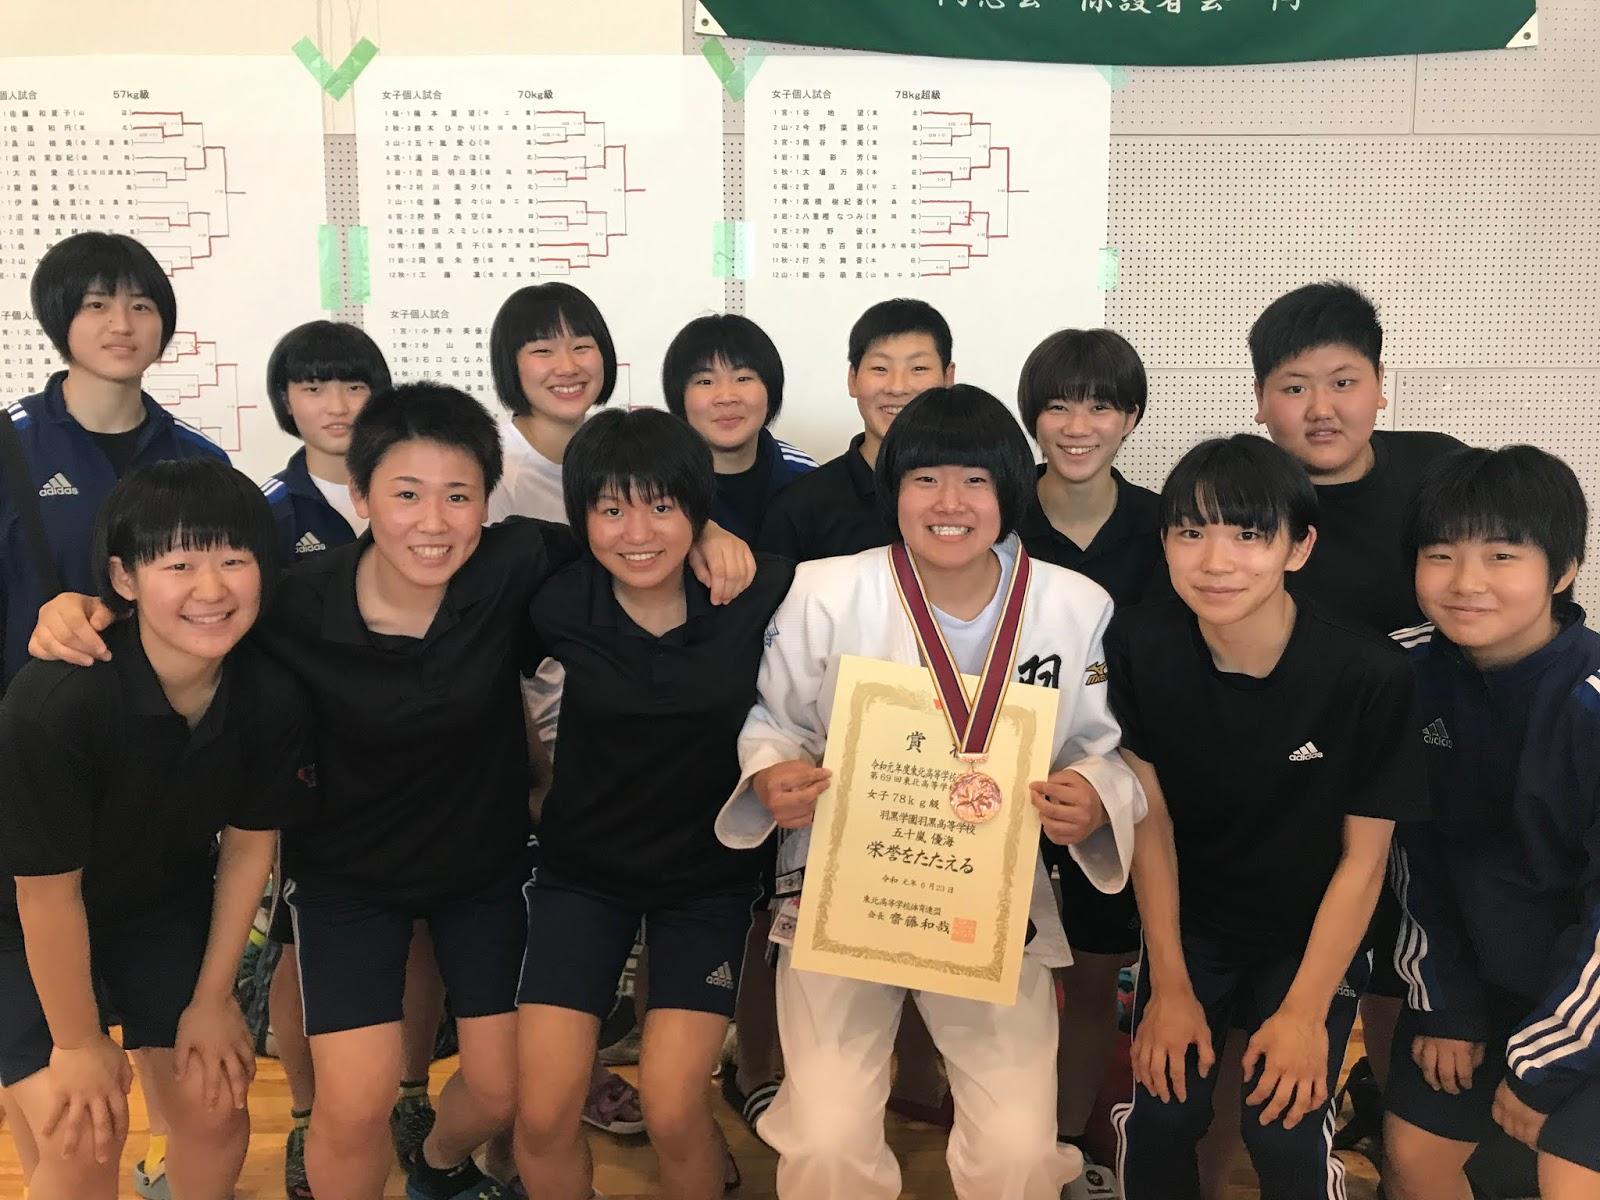 羽黒高校 女子柔道部: 第69回東北高等学校柔道大会